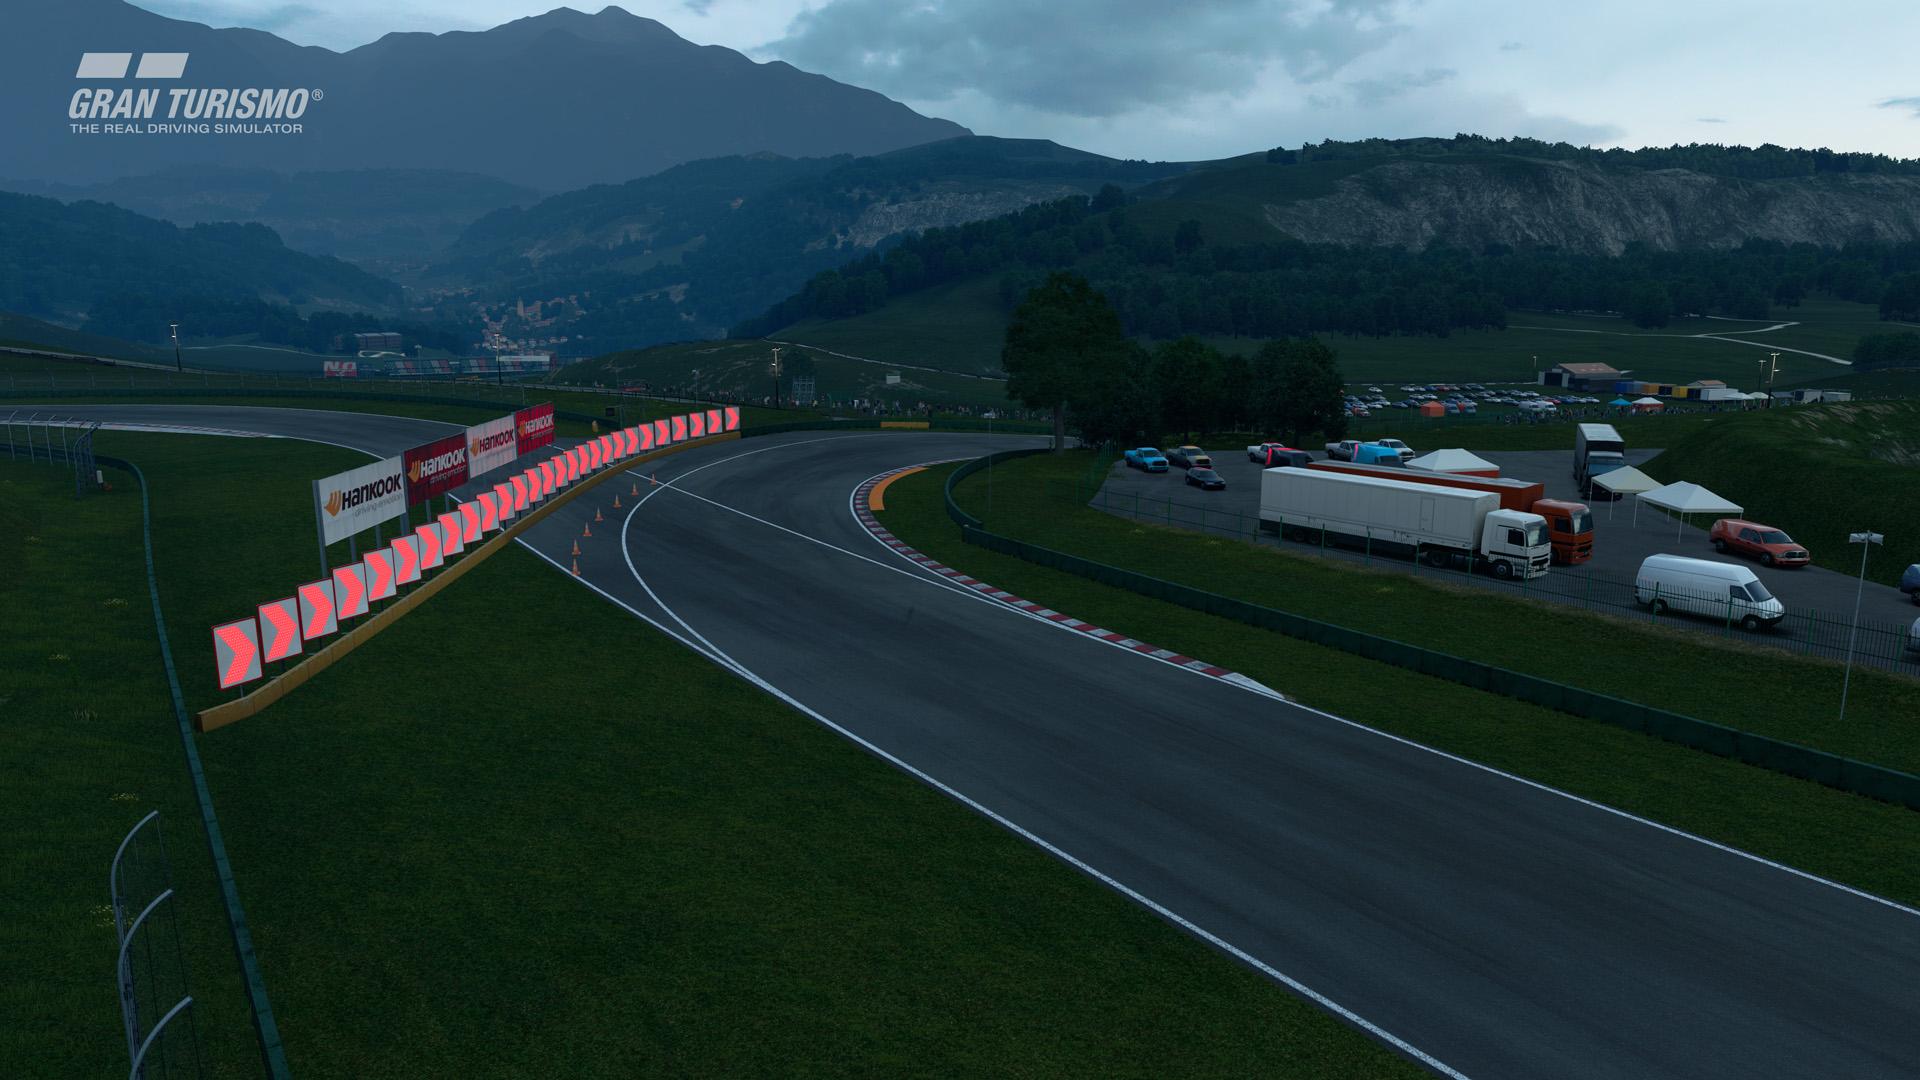 Autodrome Lago Maggiore - West II (omgekeerd: West II)